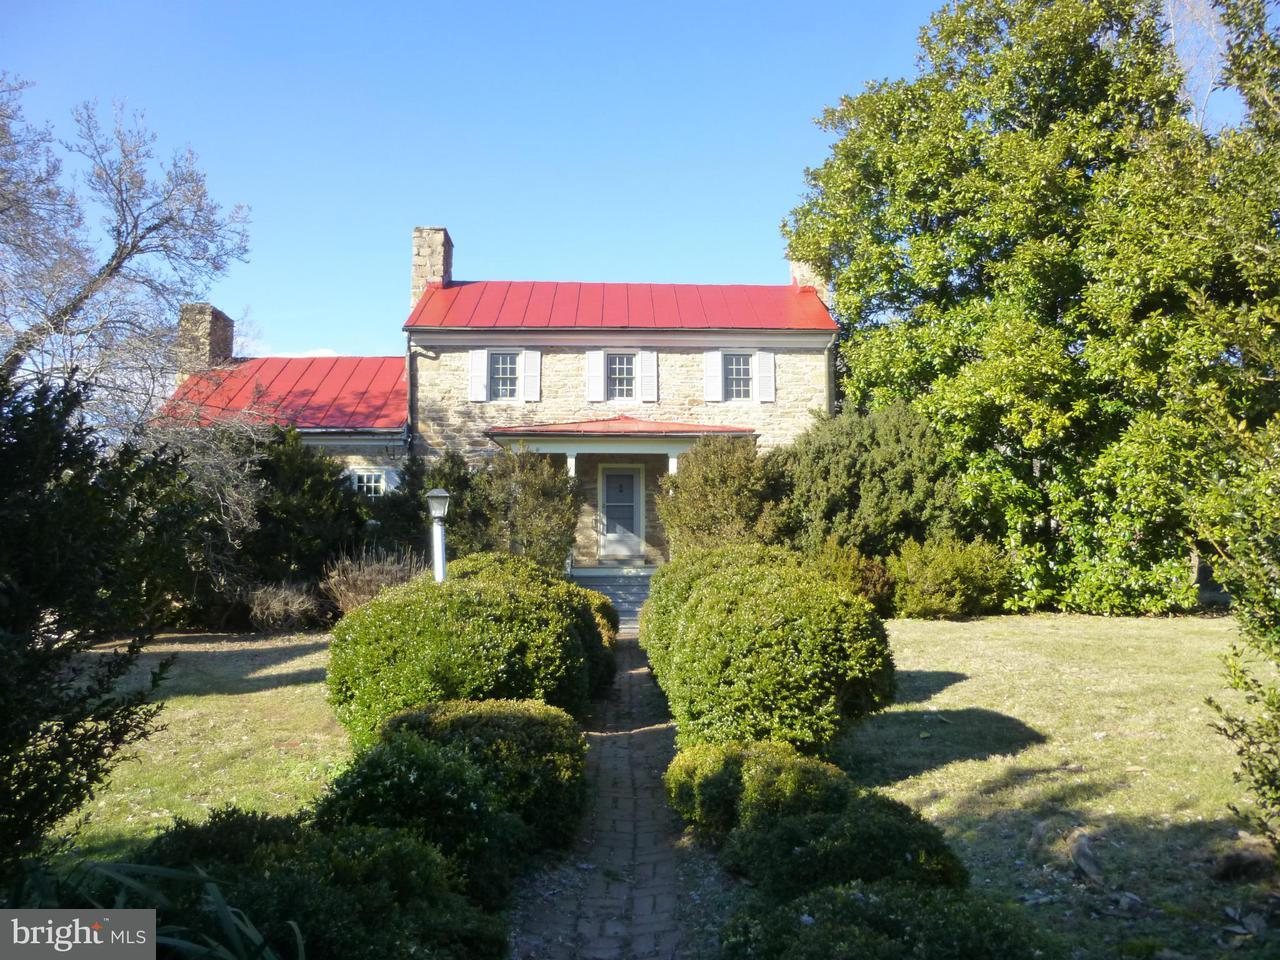 단독 가정 주택 용 매매 에 437 YANCEY Road 437 YANCEY Road Woodville, 버지니아 22749 미국